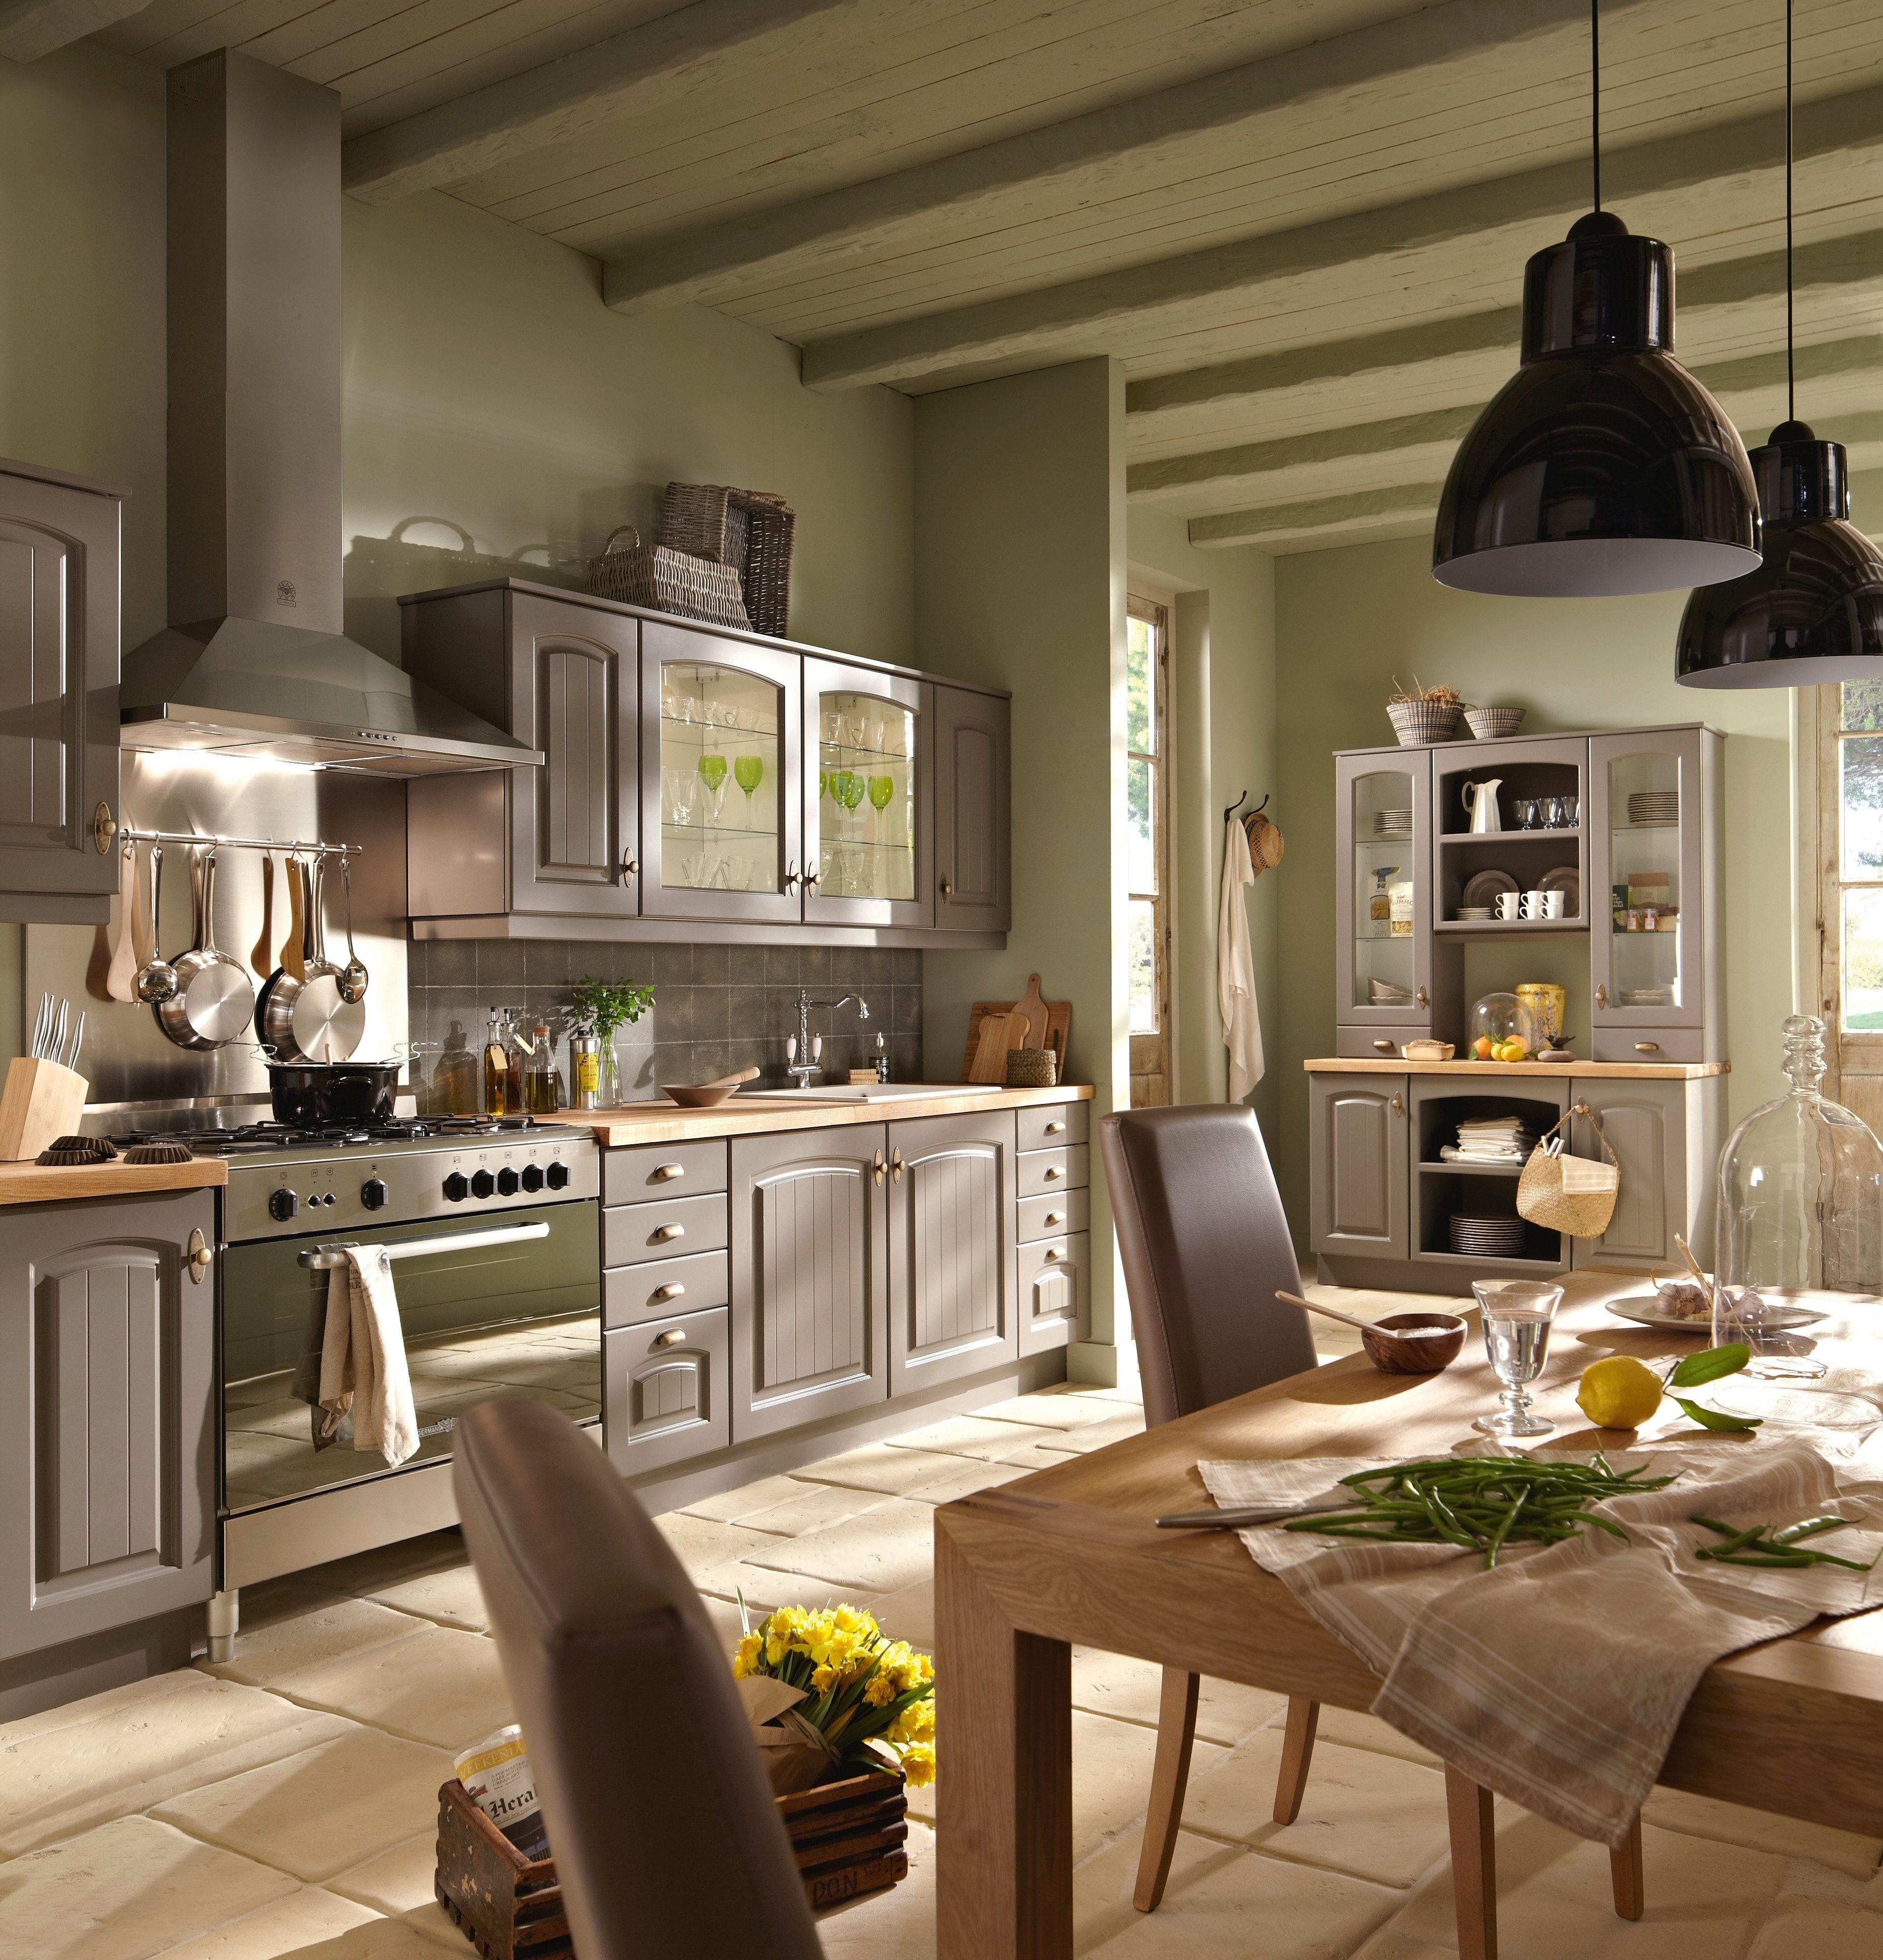 comment relooker une cuisine rustique